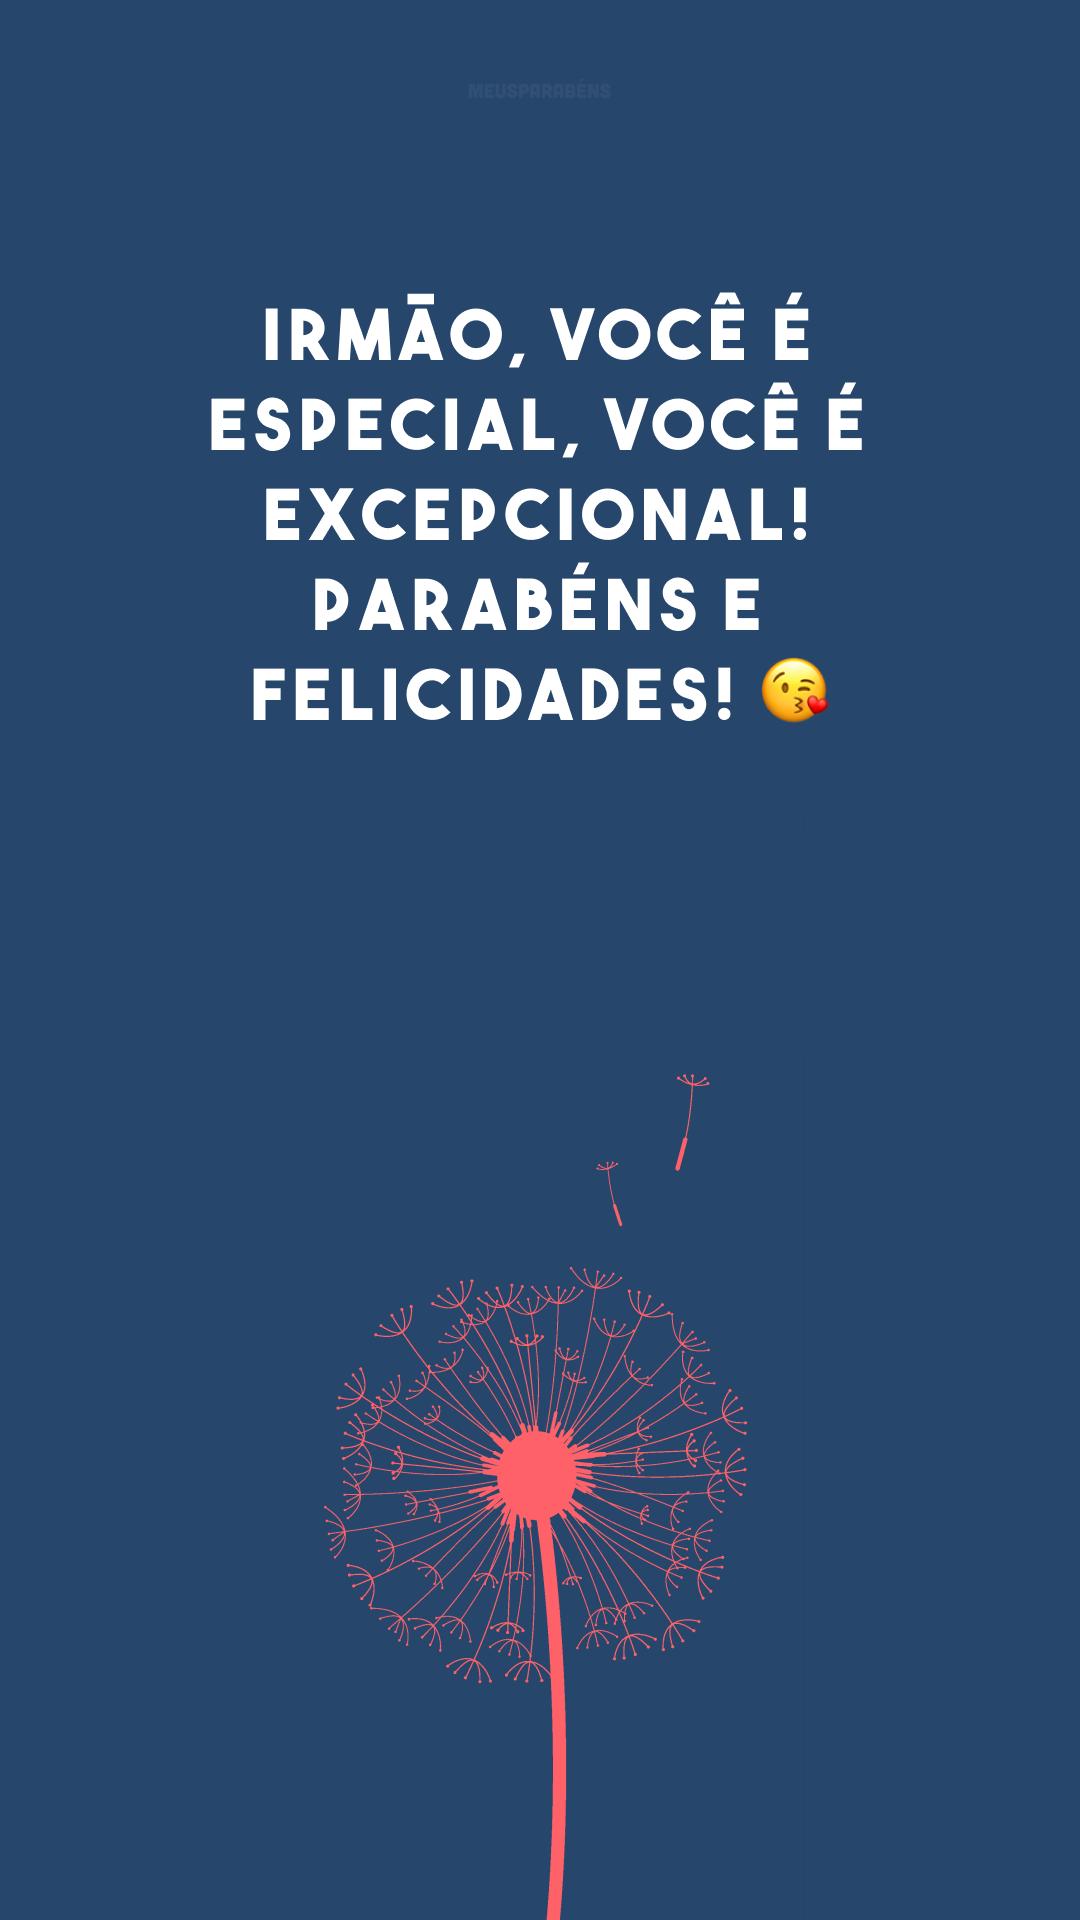 Irmão, você é especial, você é excepcional! Parabéns e felicidades! ?